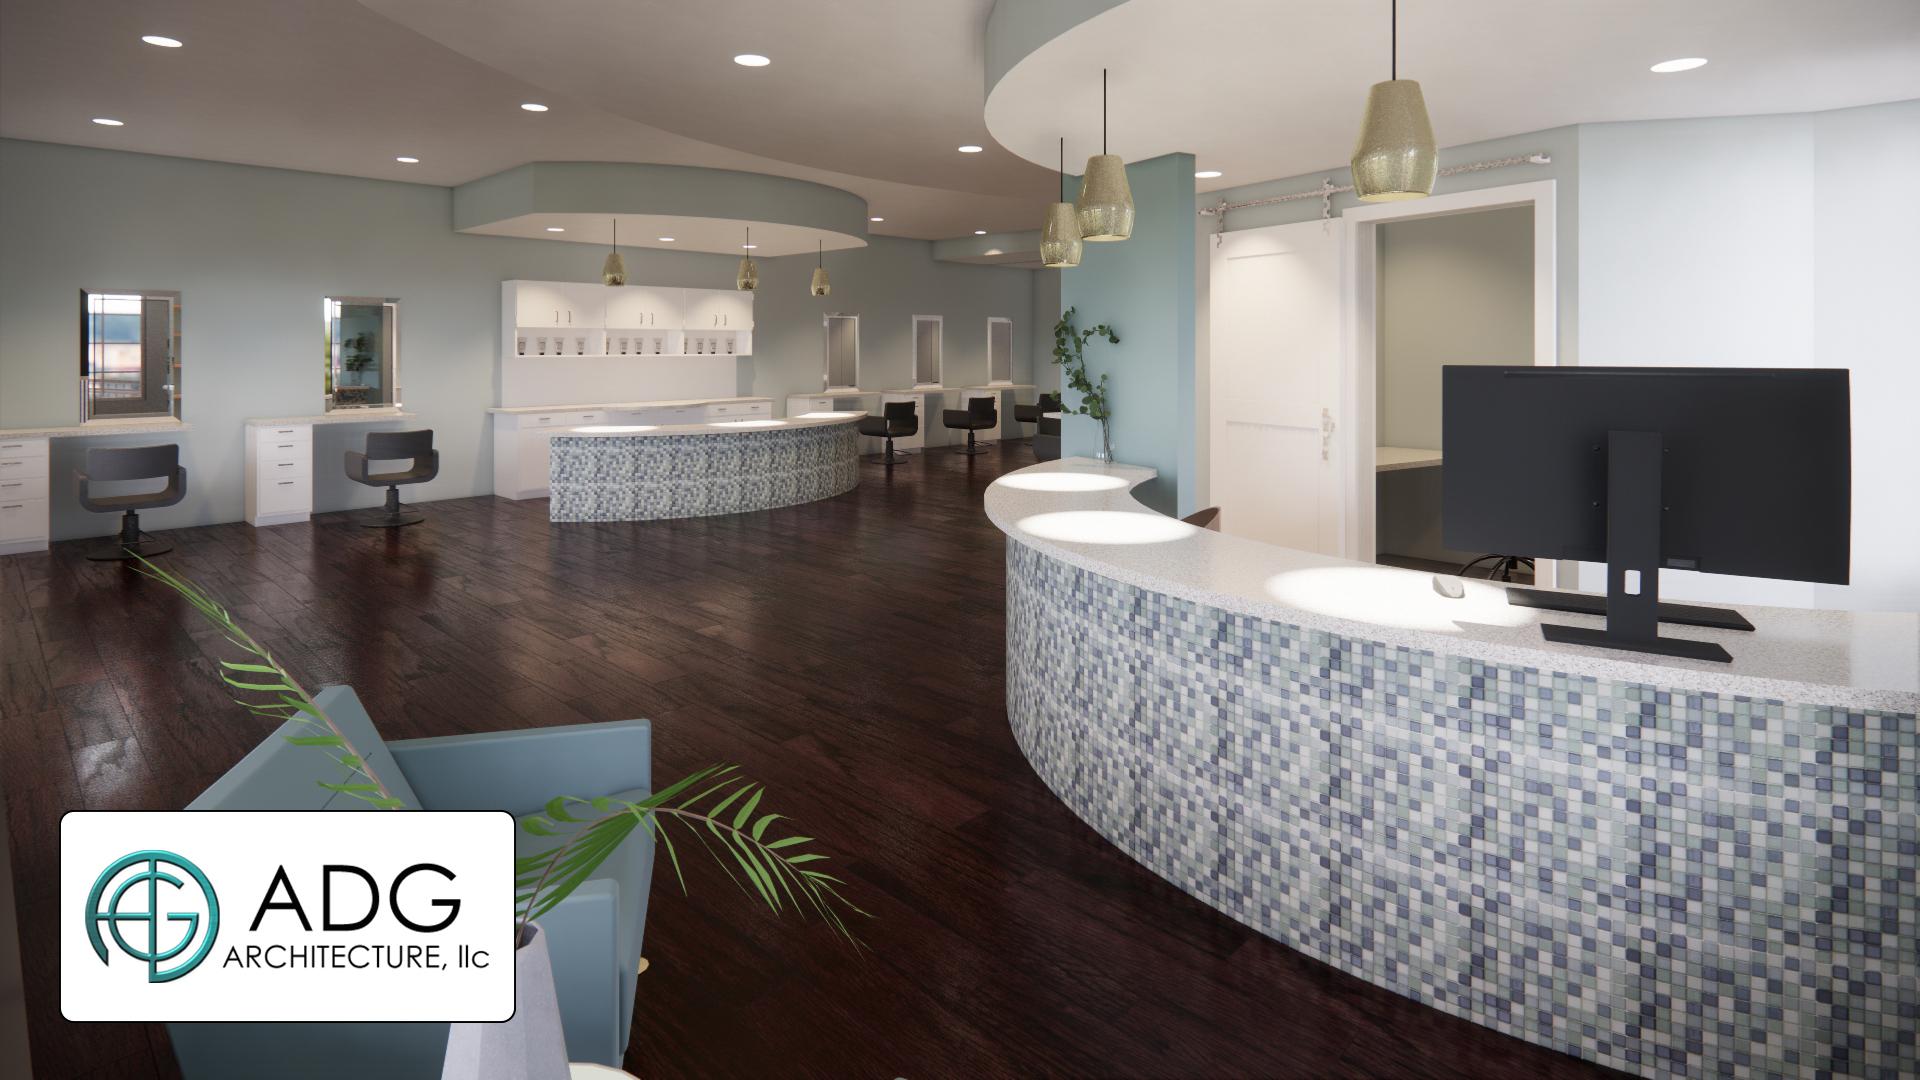 Salon and Spa, Punta Gorda, FL